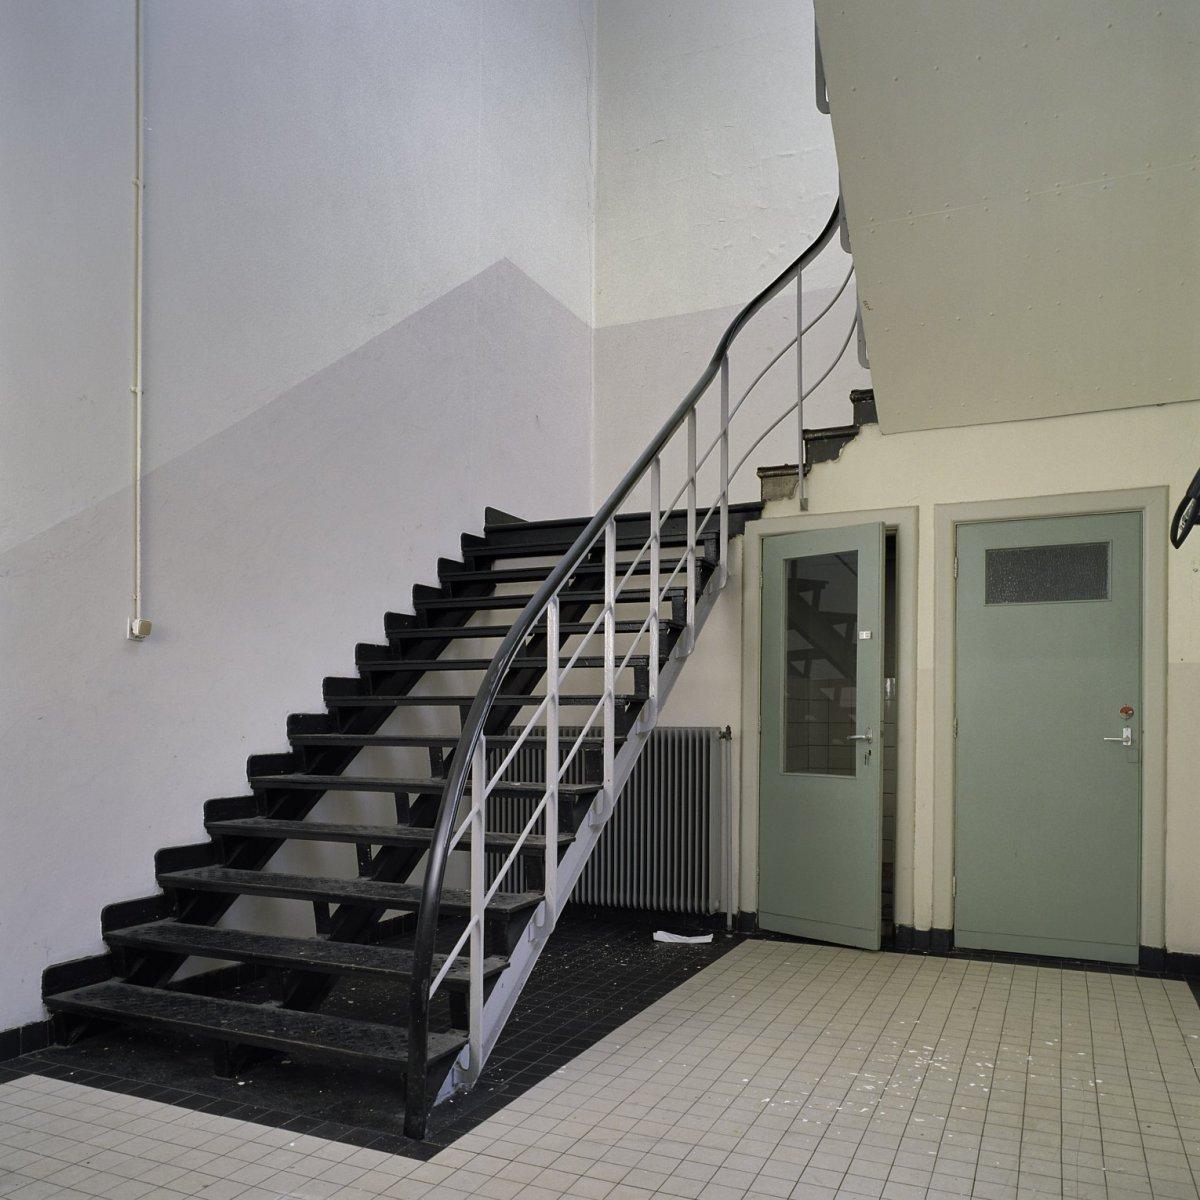 File interieur trappenhuis met stalen trap veenhuizen 20386548 wikimedia commons - Interieur trap ...